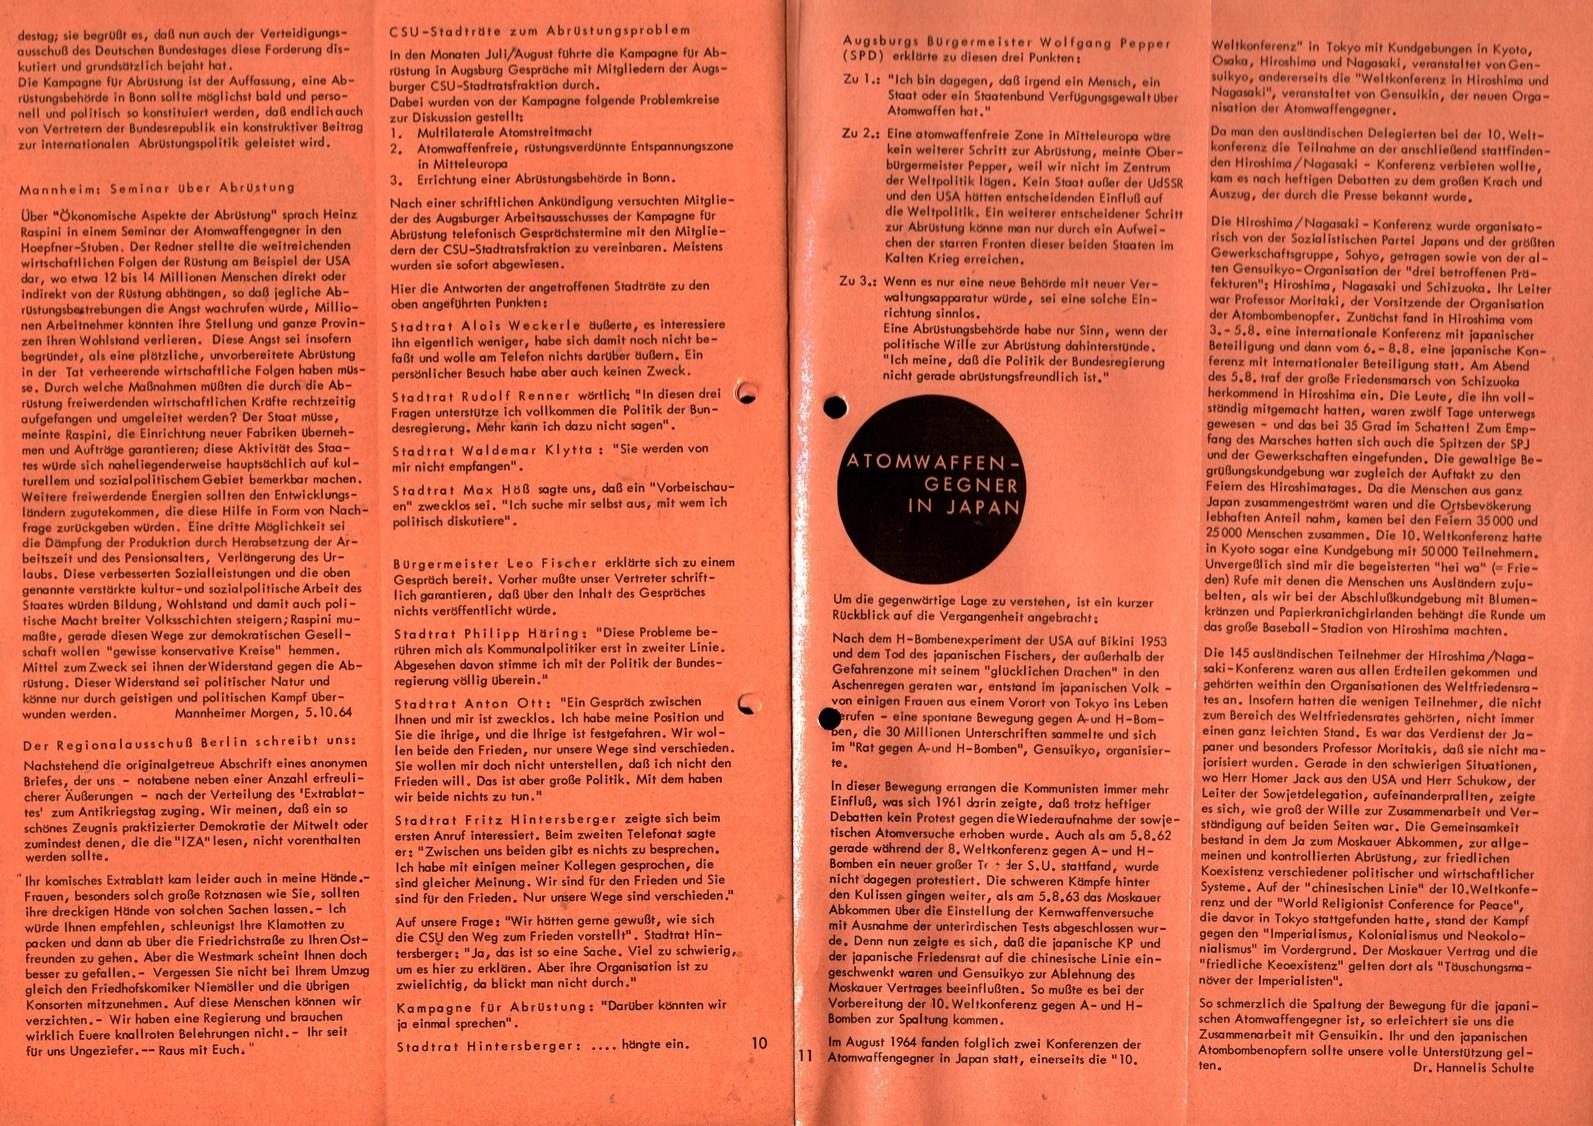 Infos_zur_Abruestung_1964_016_006